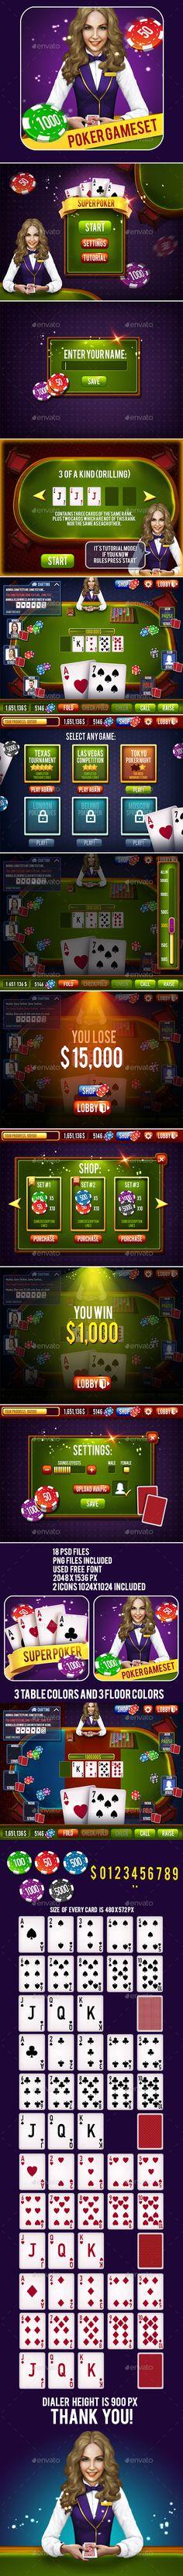 free casino games and codeshare full